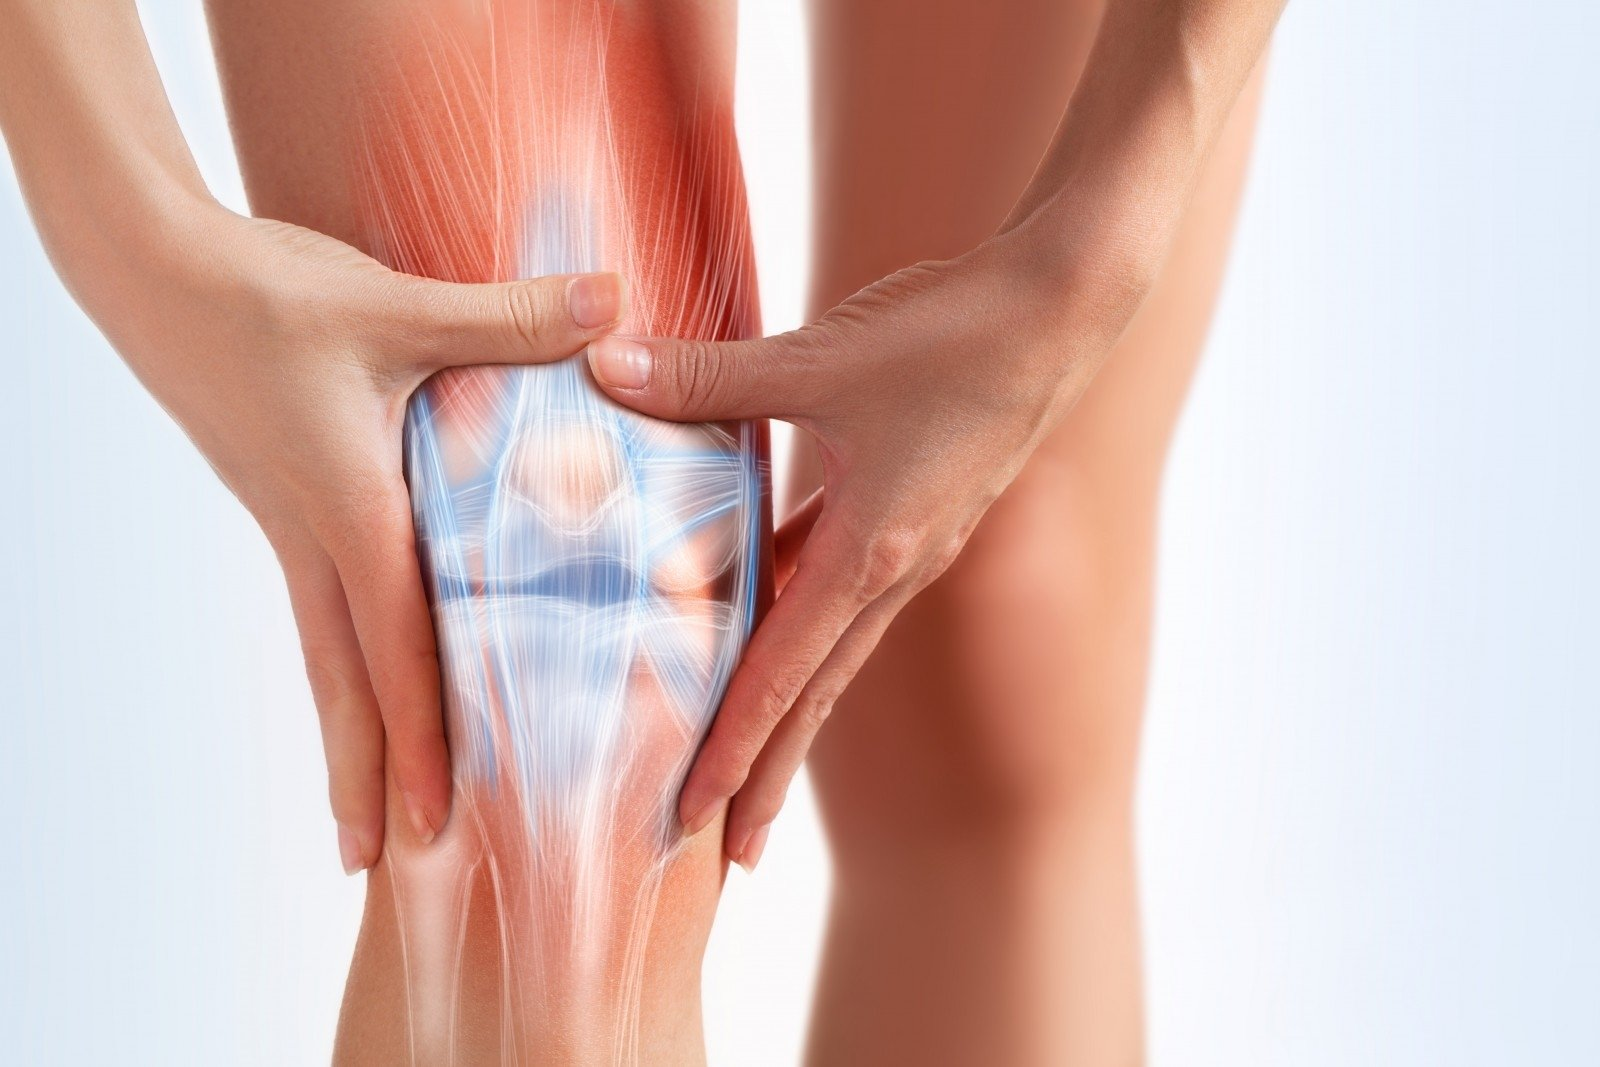 nugaros skausmas apacioje nestumo metu ligos senyvo amžiaus sąnarių